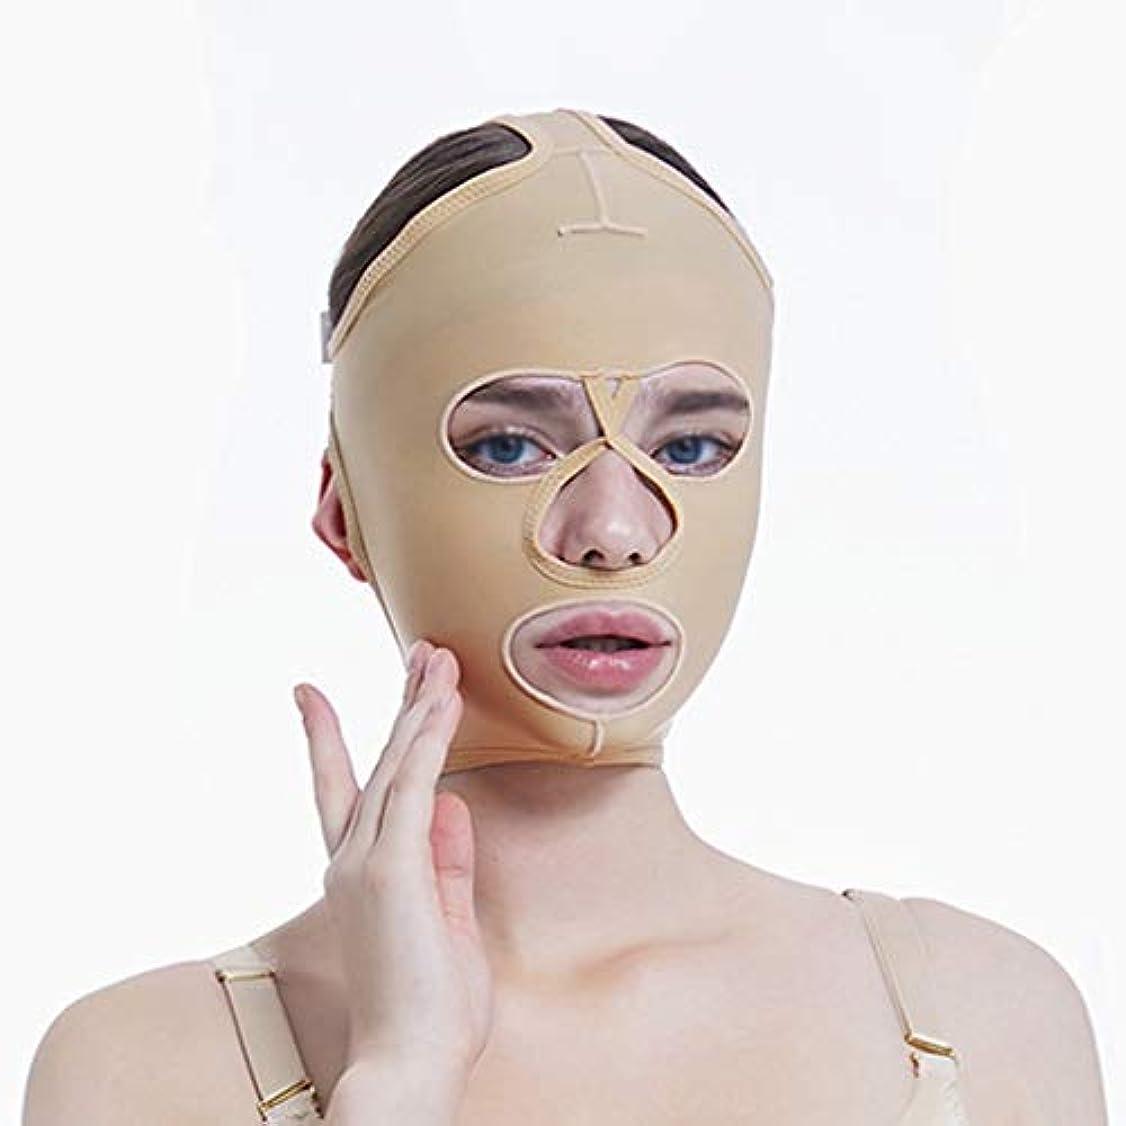 ママ何かイノセンスチンリフティングベルト、超薄型ベルト、ファーミングマスク、包帯吊り上げ、フェイスリフティングマスク、超薄型ベルト、通気性 (Size : S)